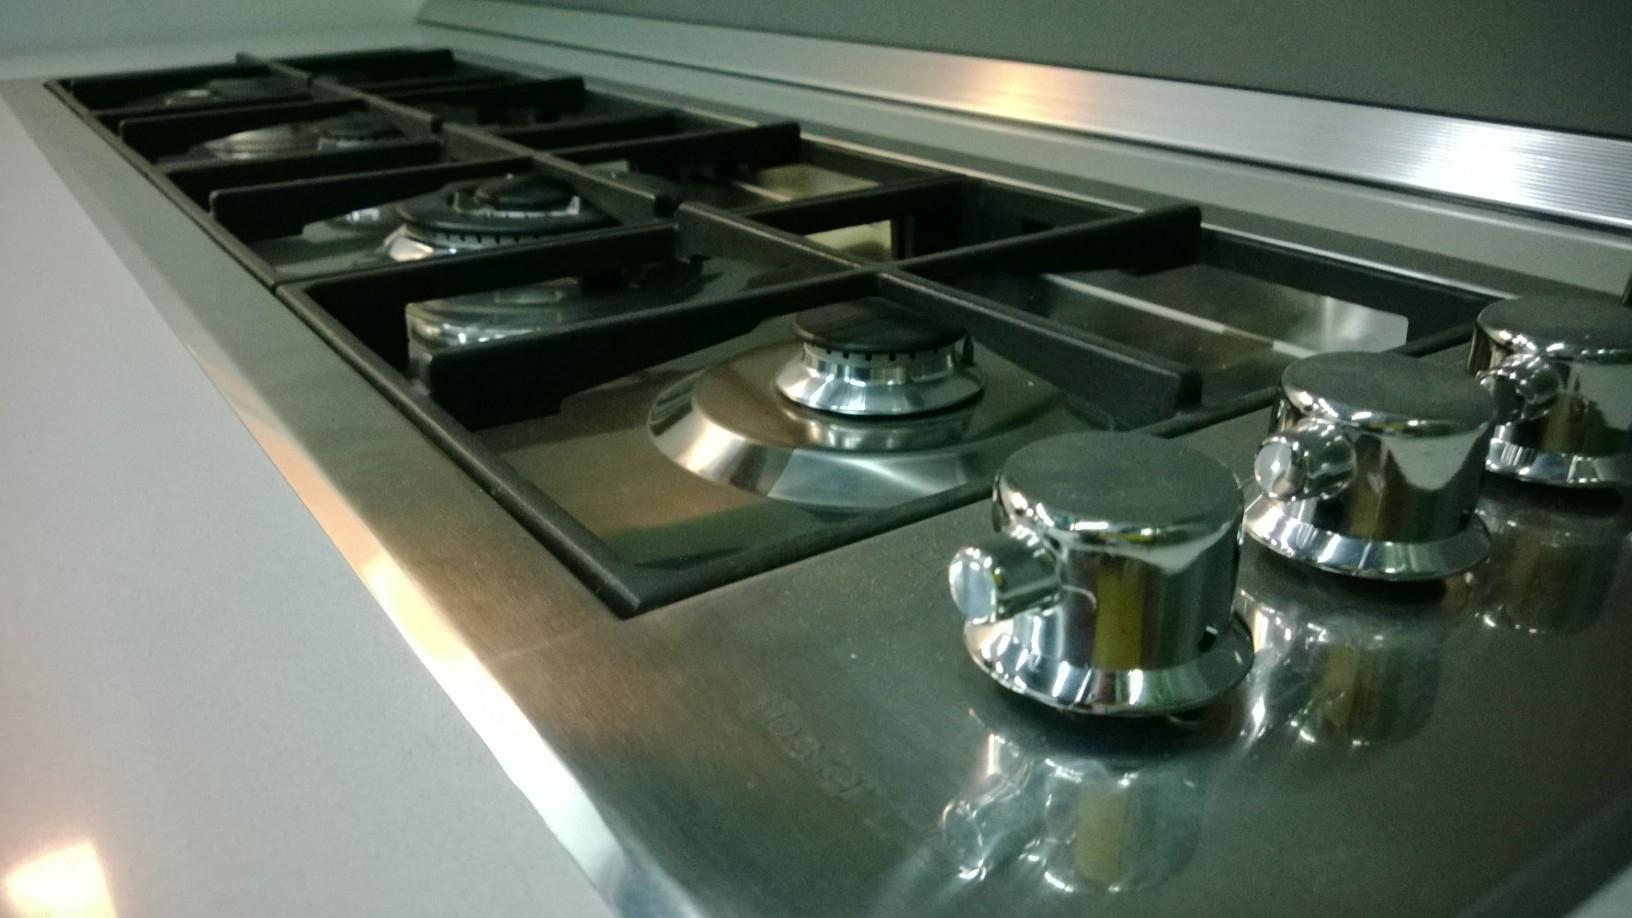 Cucina showroom scontata cucine a prezzi scontati for Piano cottura cucina